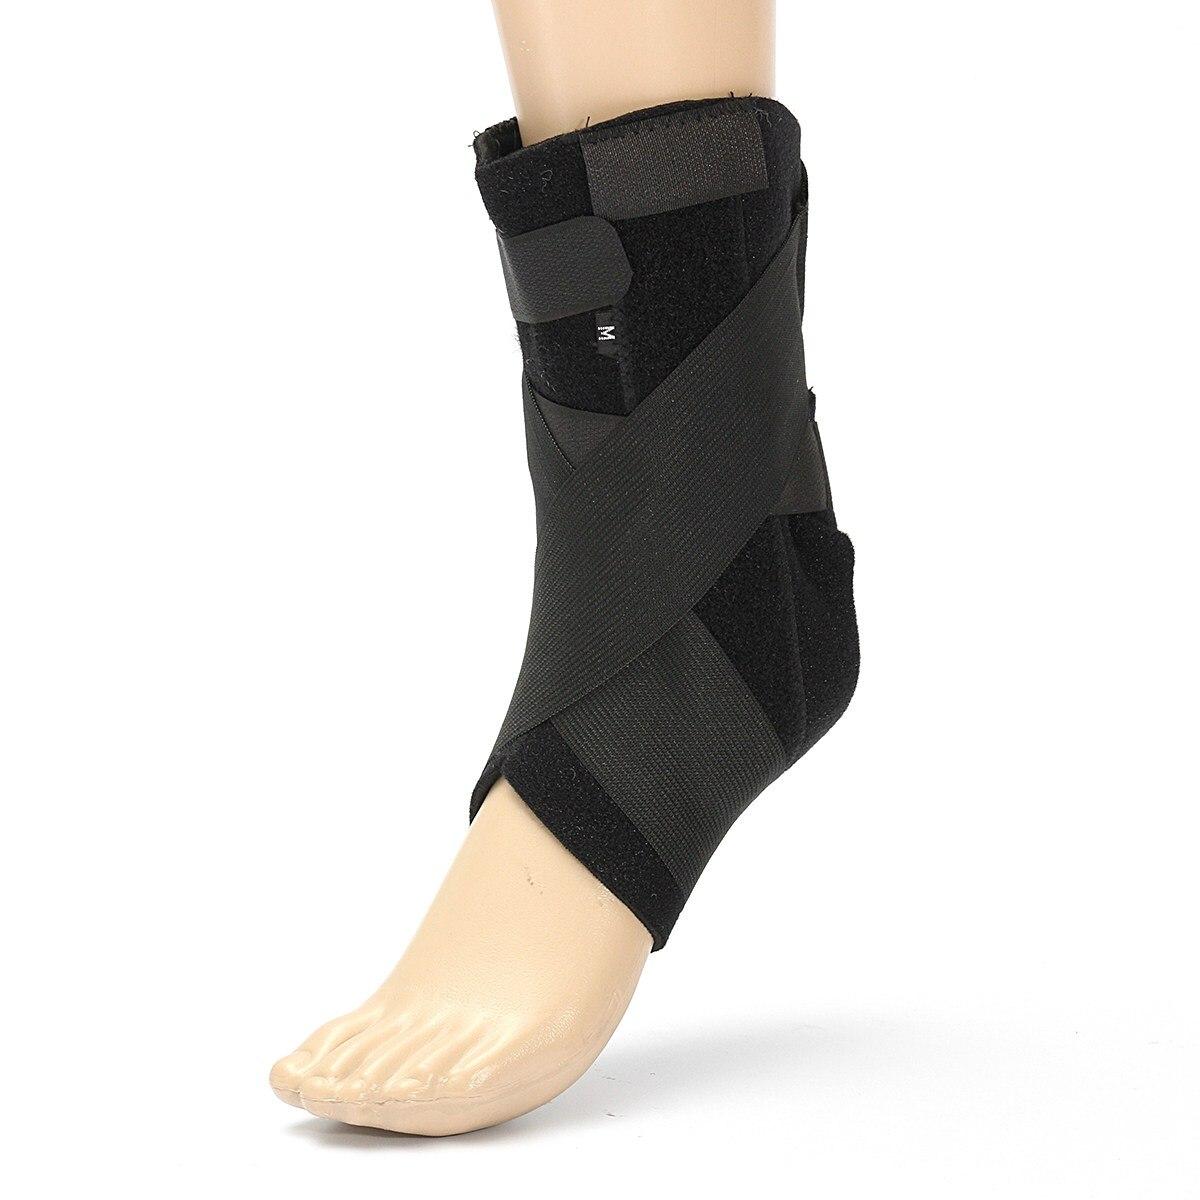 Hot 1 PCs Segurança Proteção Sustentação do Tornozelo Ginásio Correndo Preto Pé Bandas Bandagem de Proteção Elastic Ankle Brace Guarda Esportes